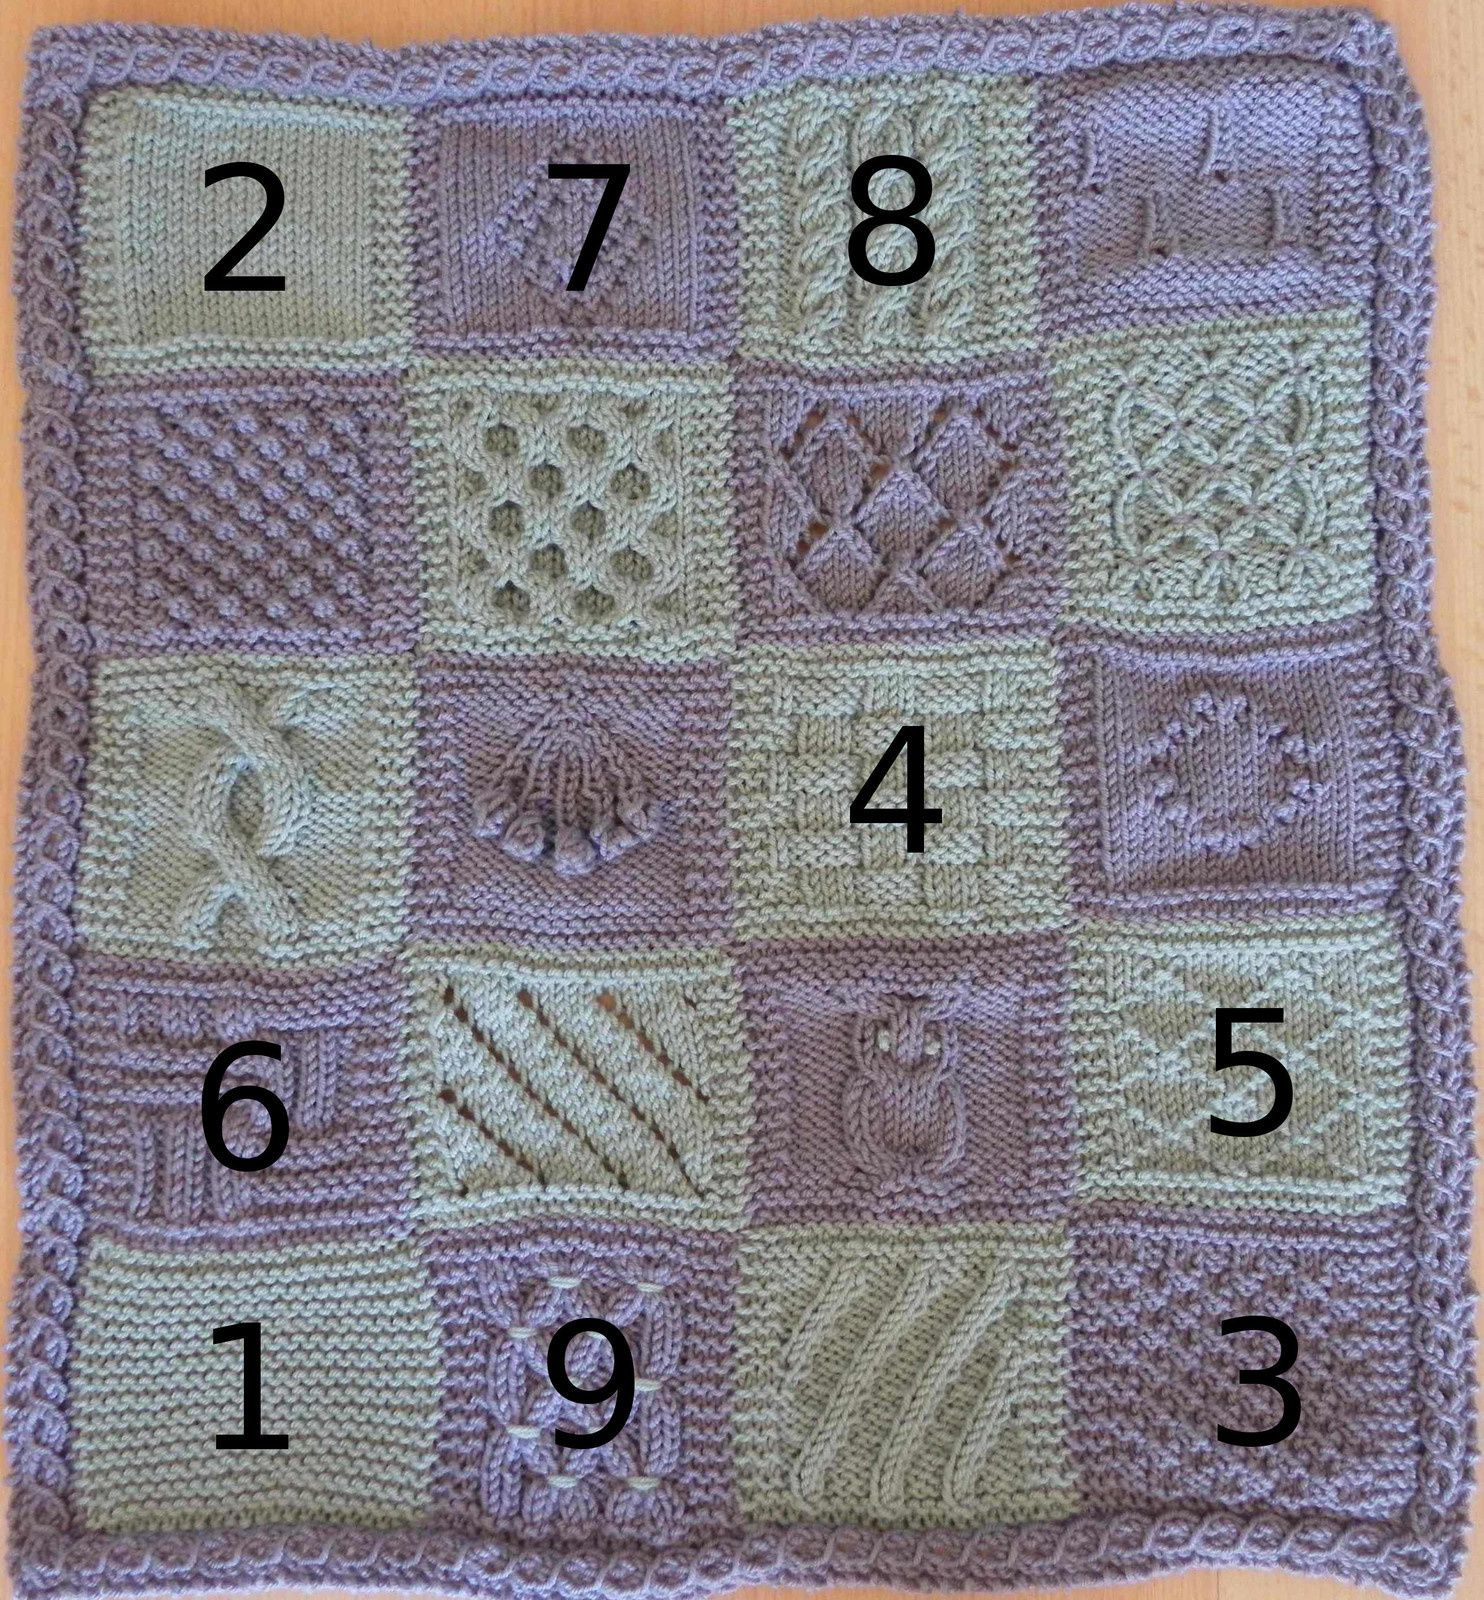 KAL boucle d'or version adulte : carré 9 version A